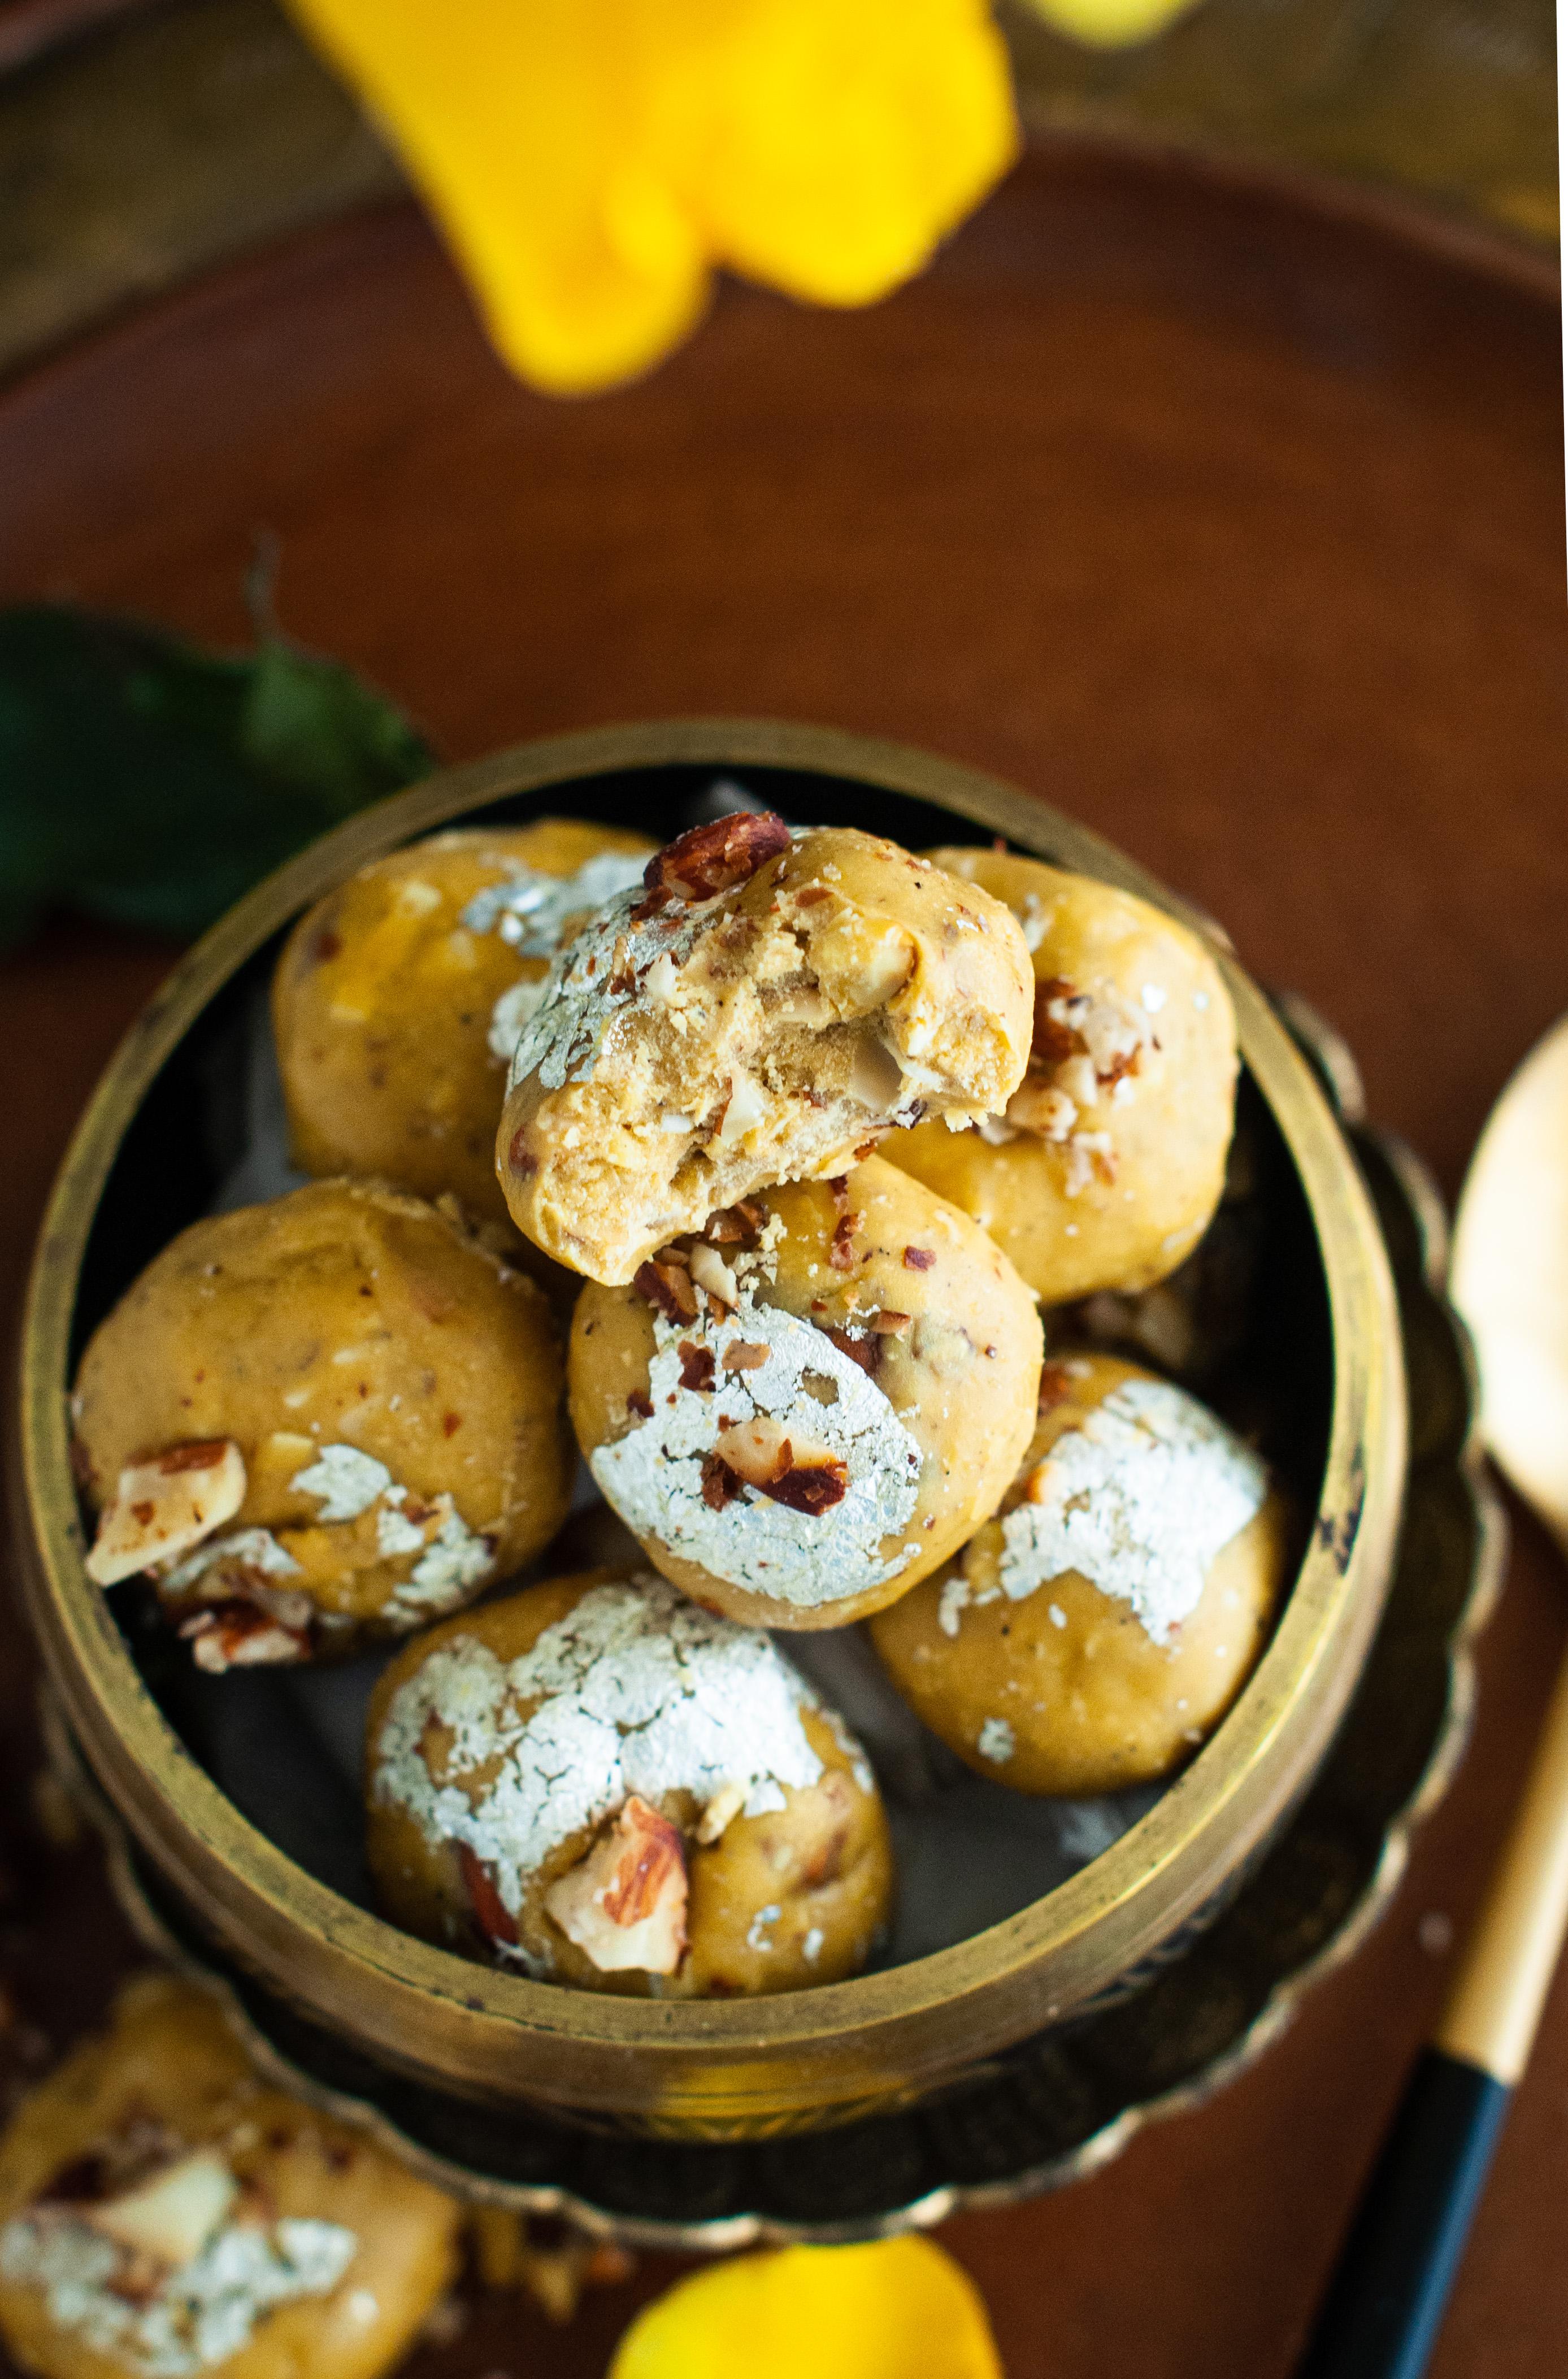 besan ladoo, besan laddu,diwali besan ladoo, rakhi dessert, indian sweets, sweet, ghee, easy sweet, Indian, moms recipe